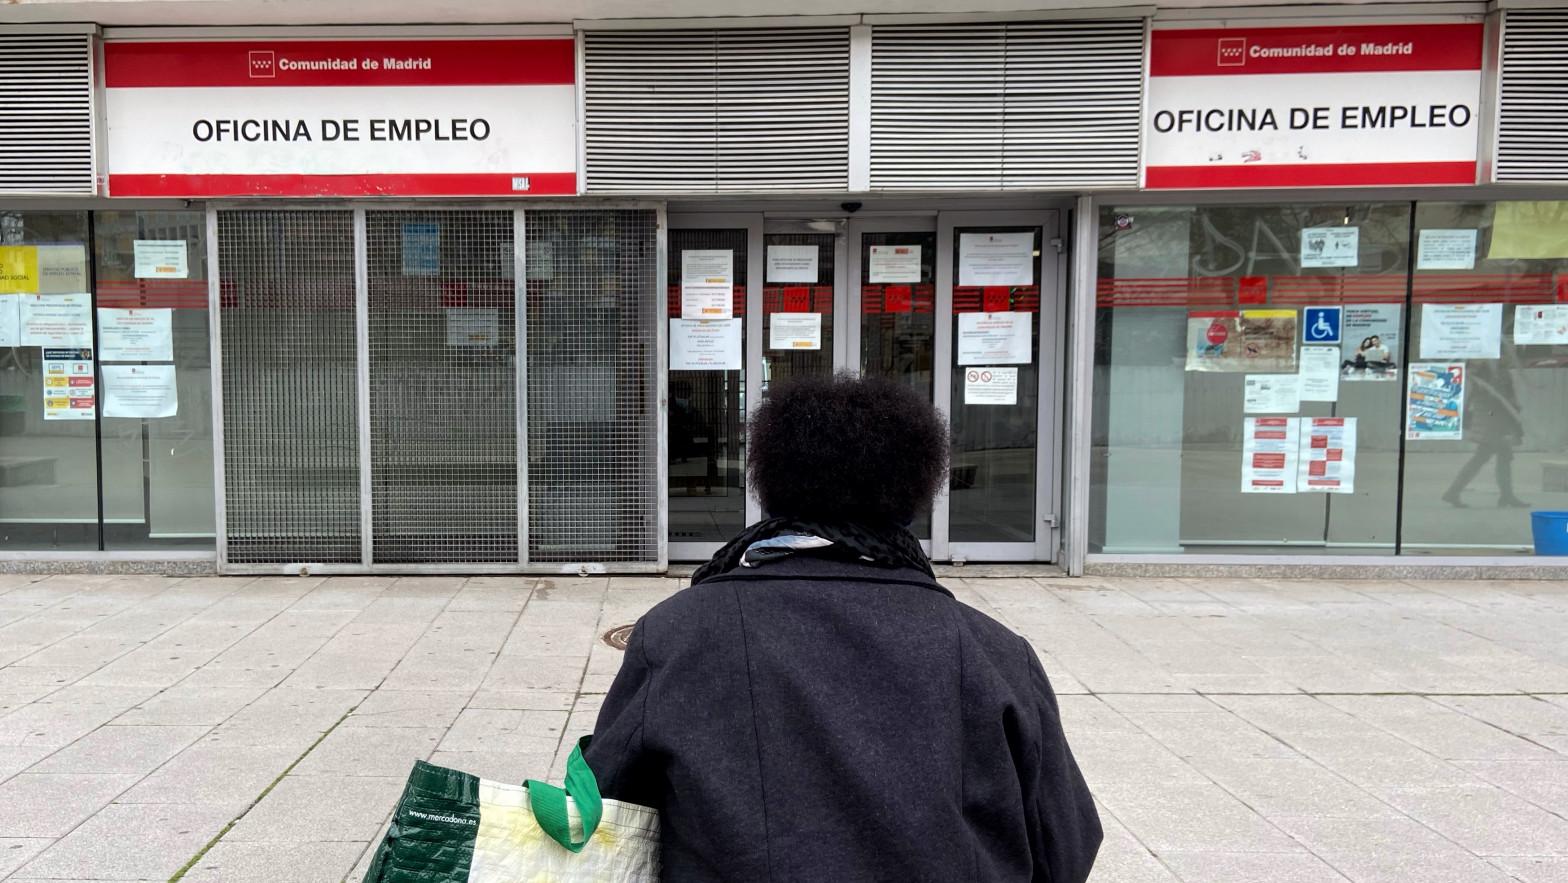 España continúa siendo el país con más desempleo de la OCDE